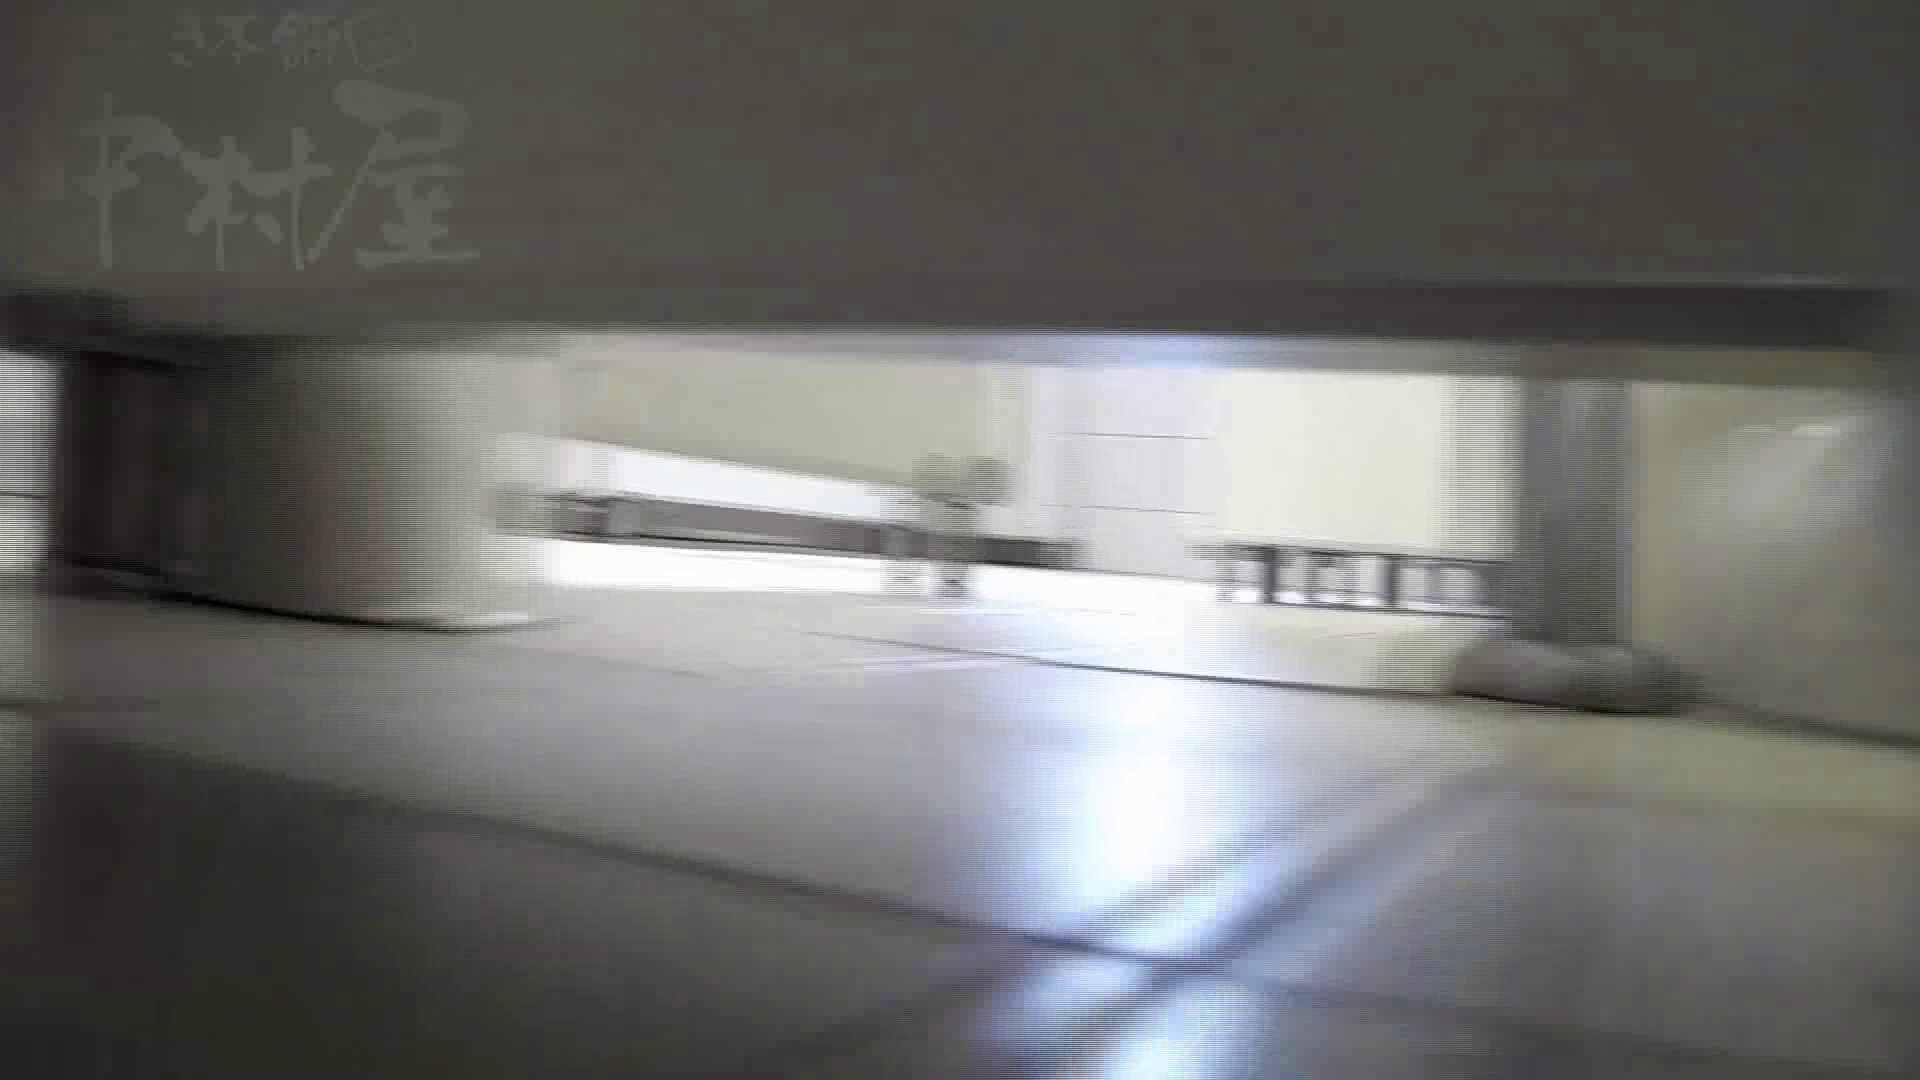 美しい日本の未来 No.19 顔全部撮れた2 卑猥 おめこ無修正動画無料 60連発 54